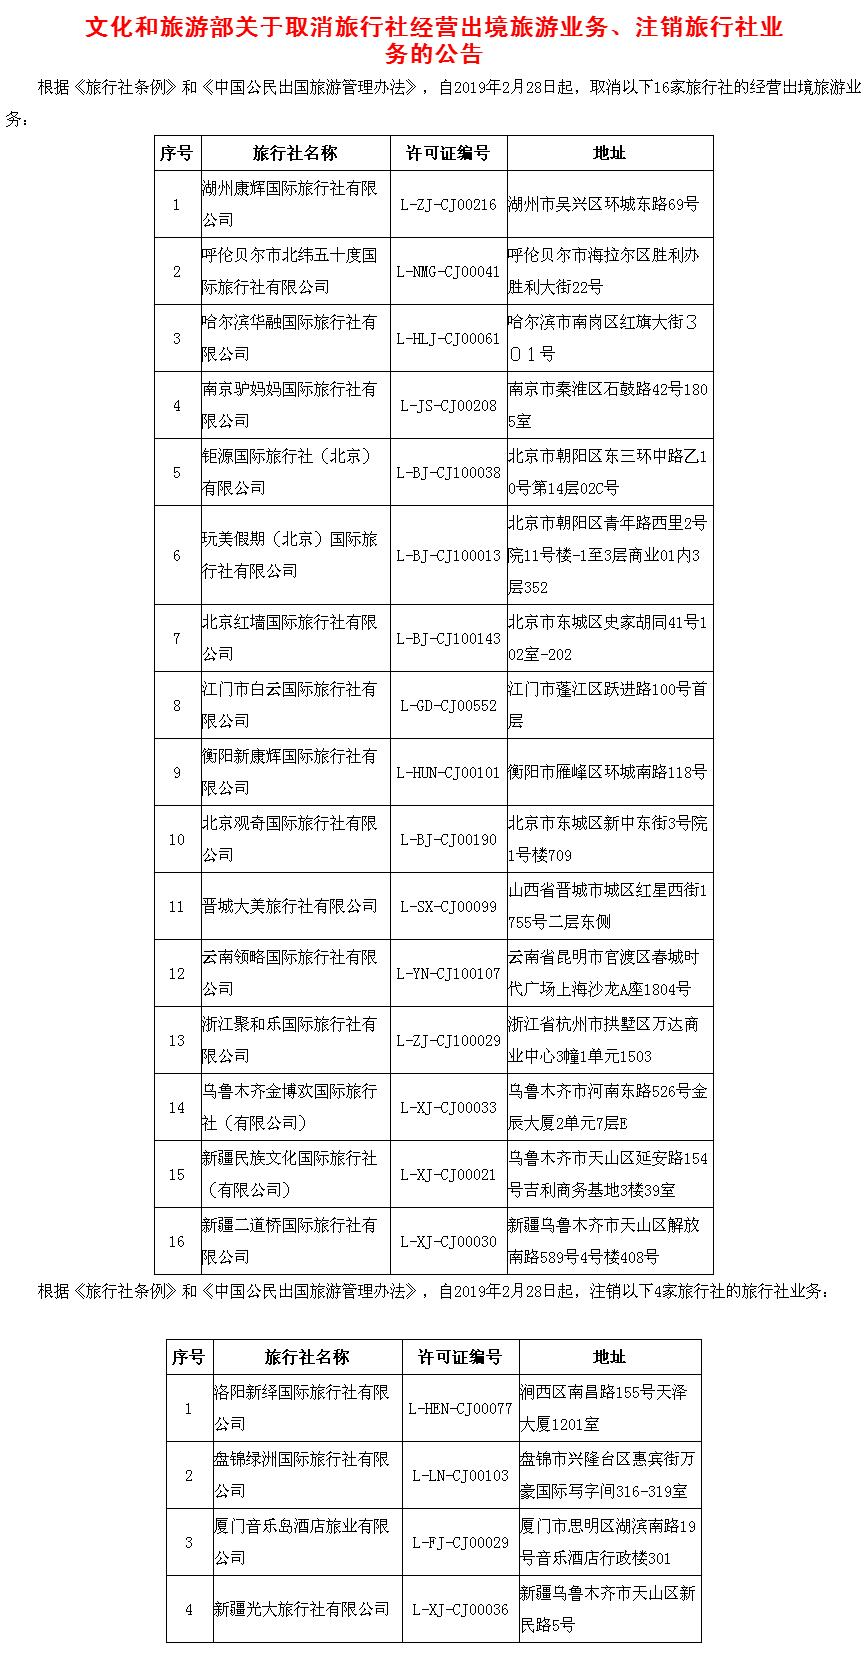 庆祝中华人民共和国成立70周年活动新闻中心举办首场专题集体采访